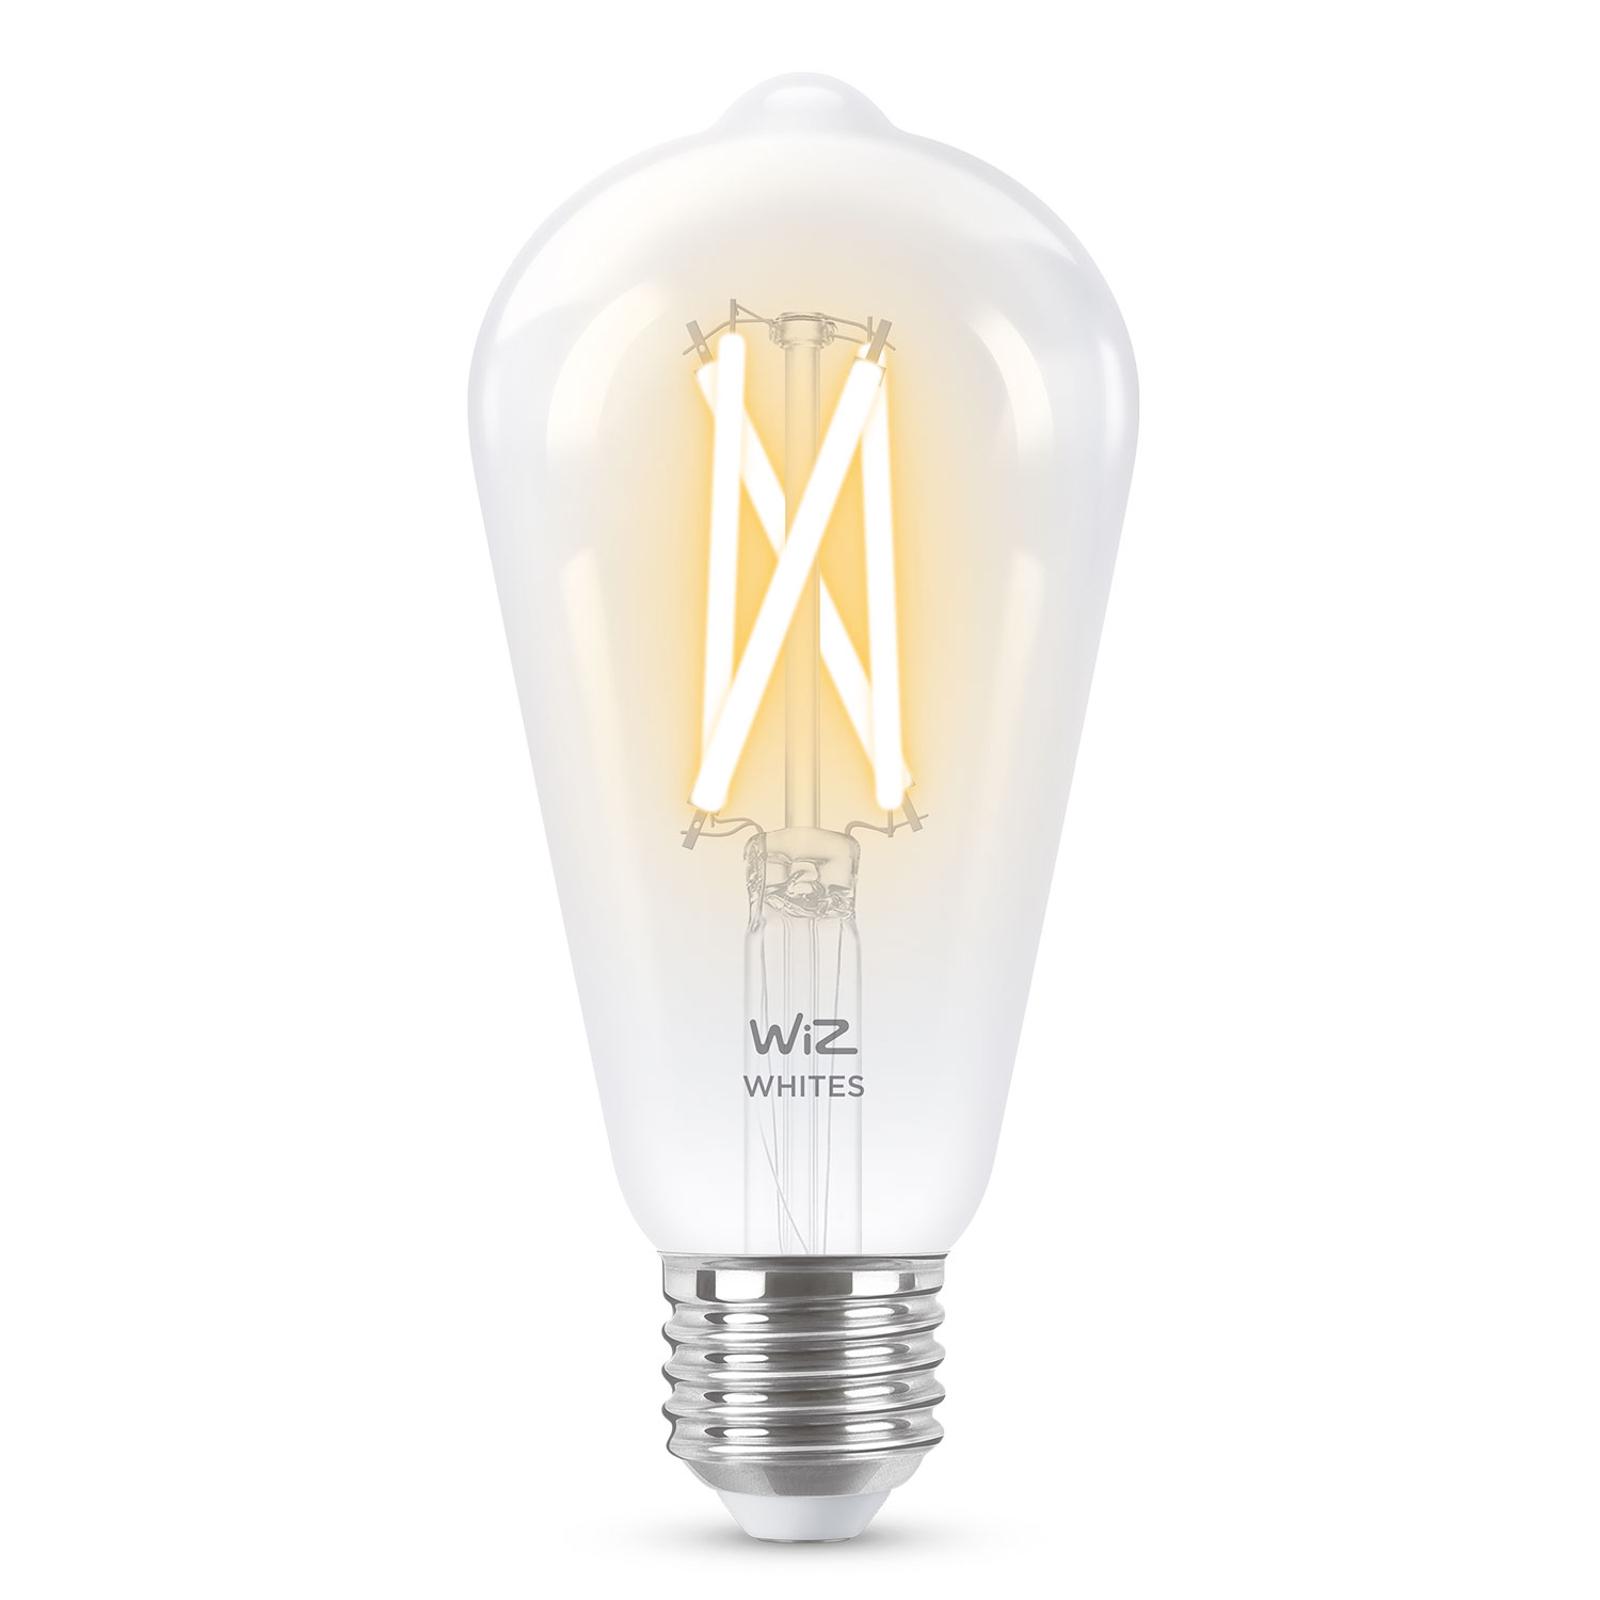 WiZ E27 LED ST64 filament transp 6,5W 2200-5500K